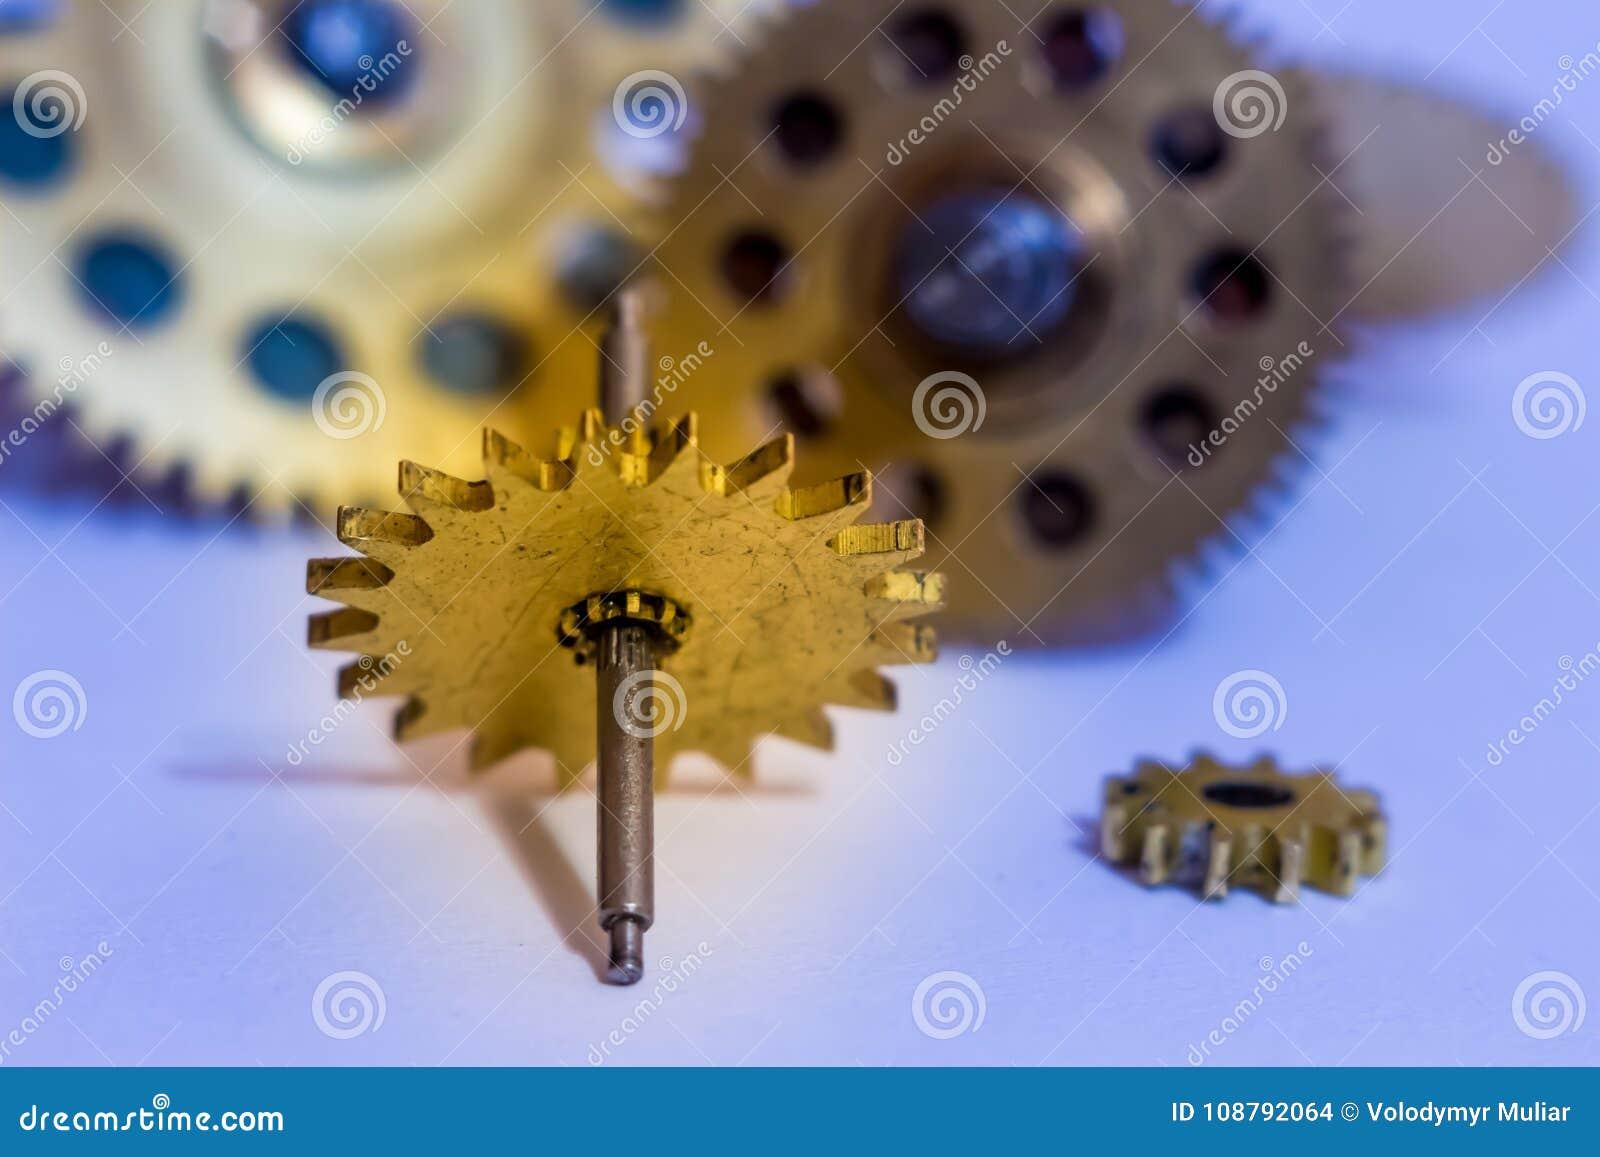 Ingranaggi dai vecchi orologi, un esempio per lo studio dei modi del trasferimento